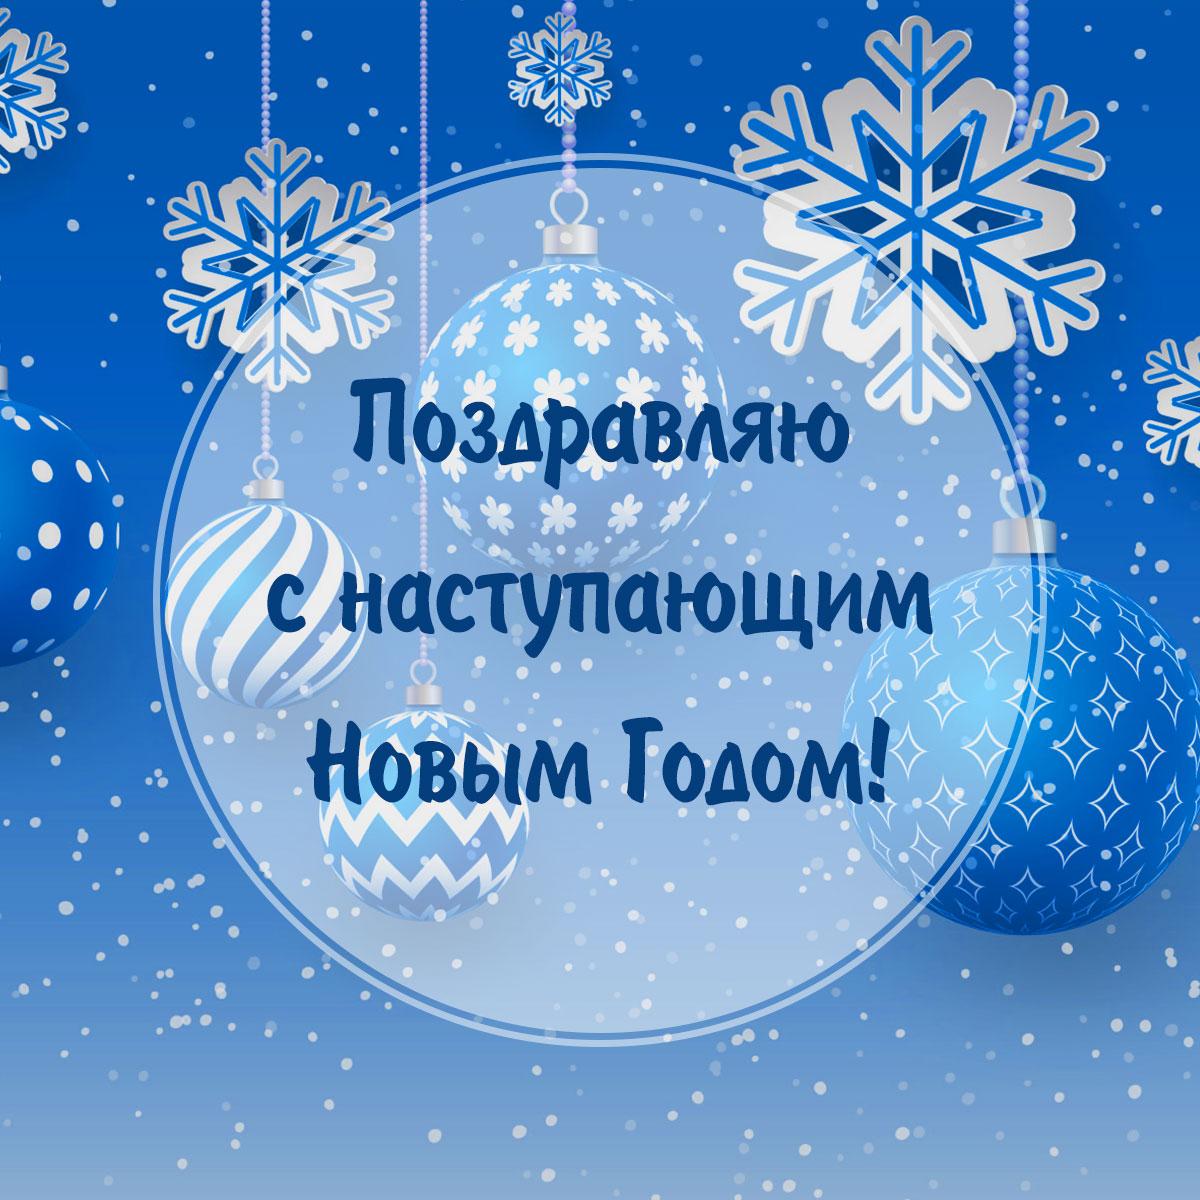 Текст поздравления в круге на голубом зимнем фоне со снежинками.